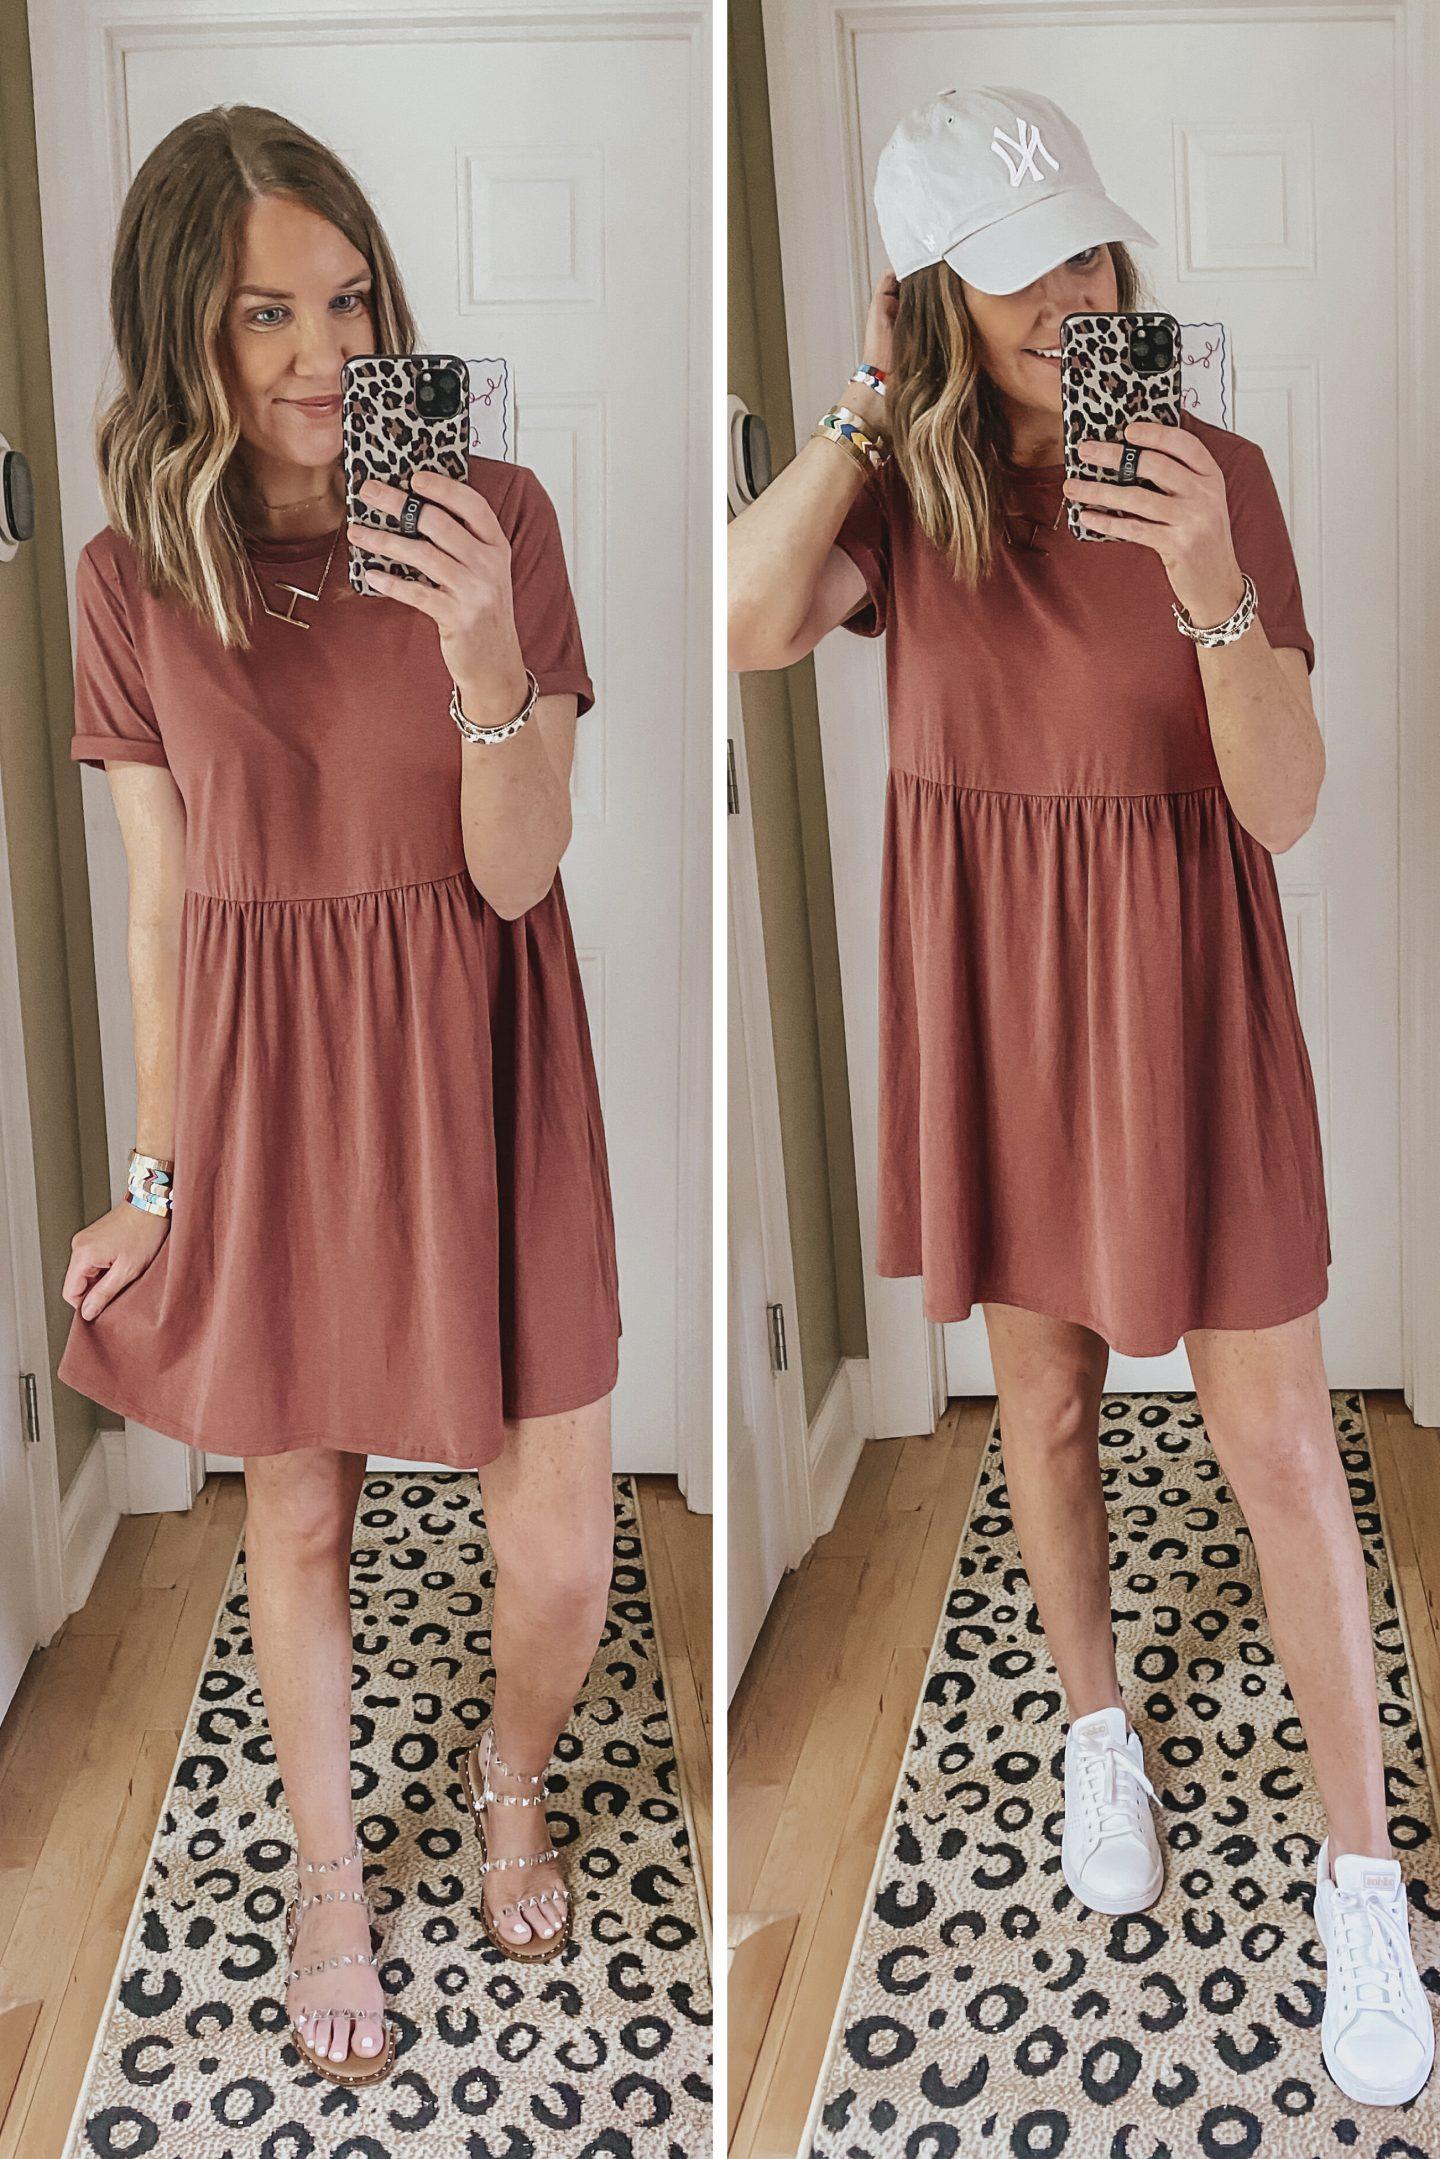 Target Summer Outfits for Women, babydoll tee shirt dress